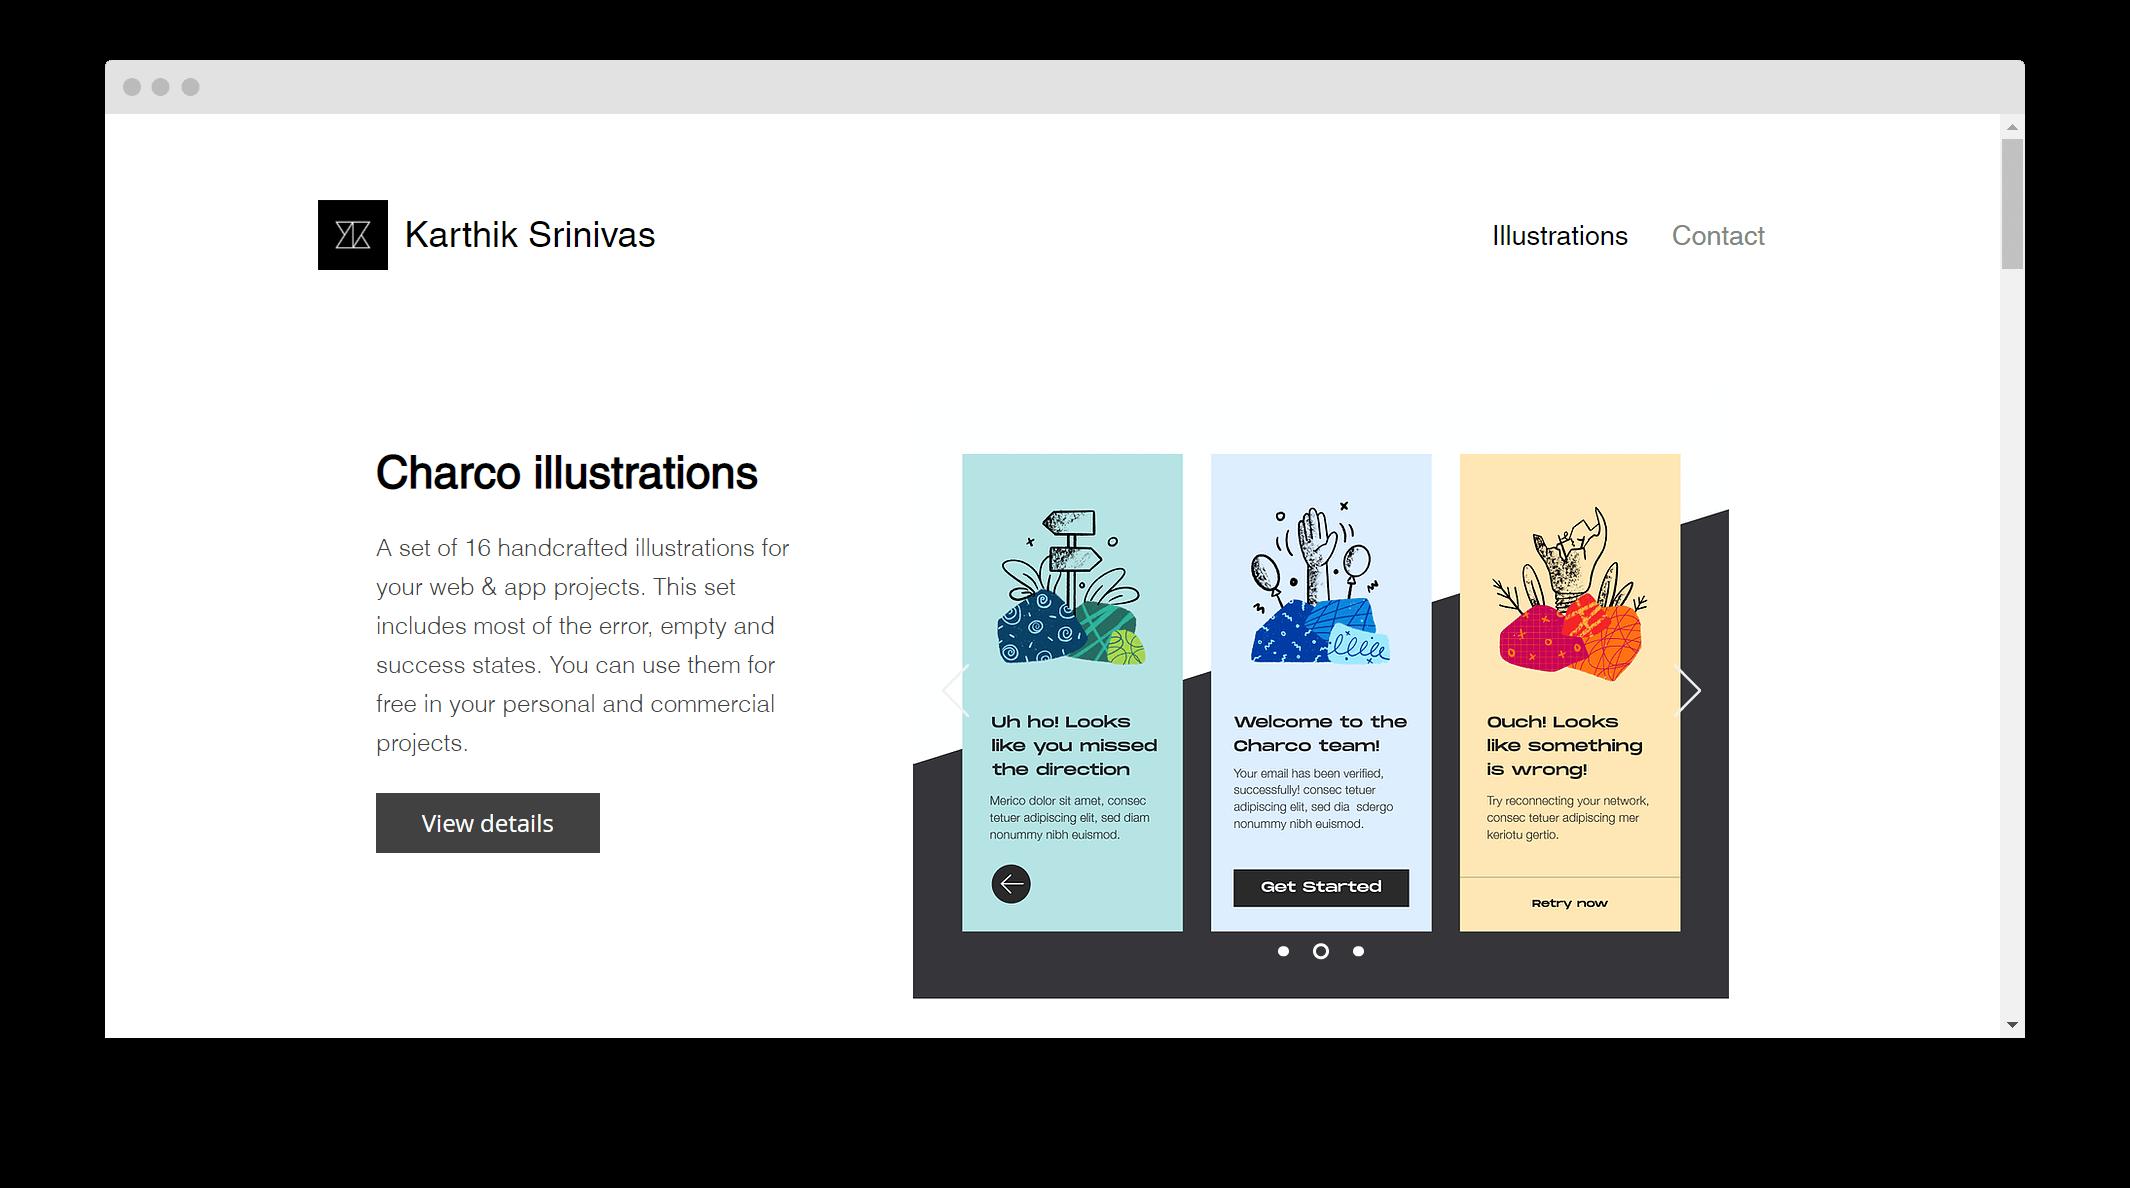 Где скачать бесплатные иллюстрации: 20 проверенных сайтов